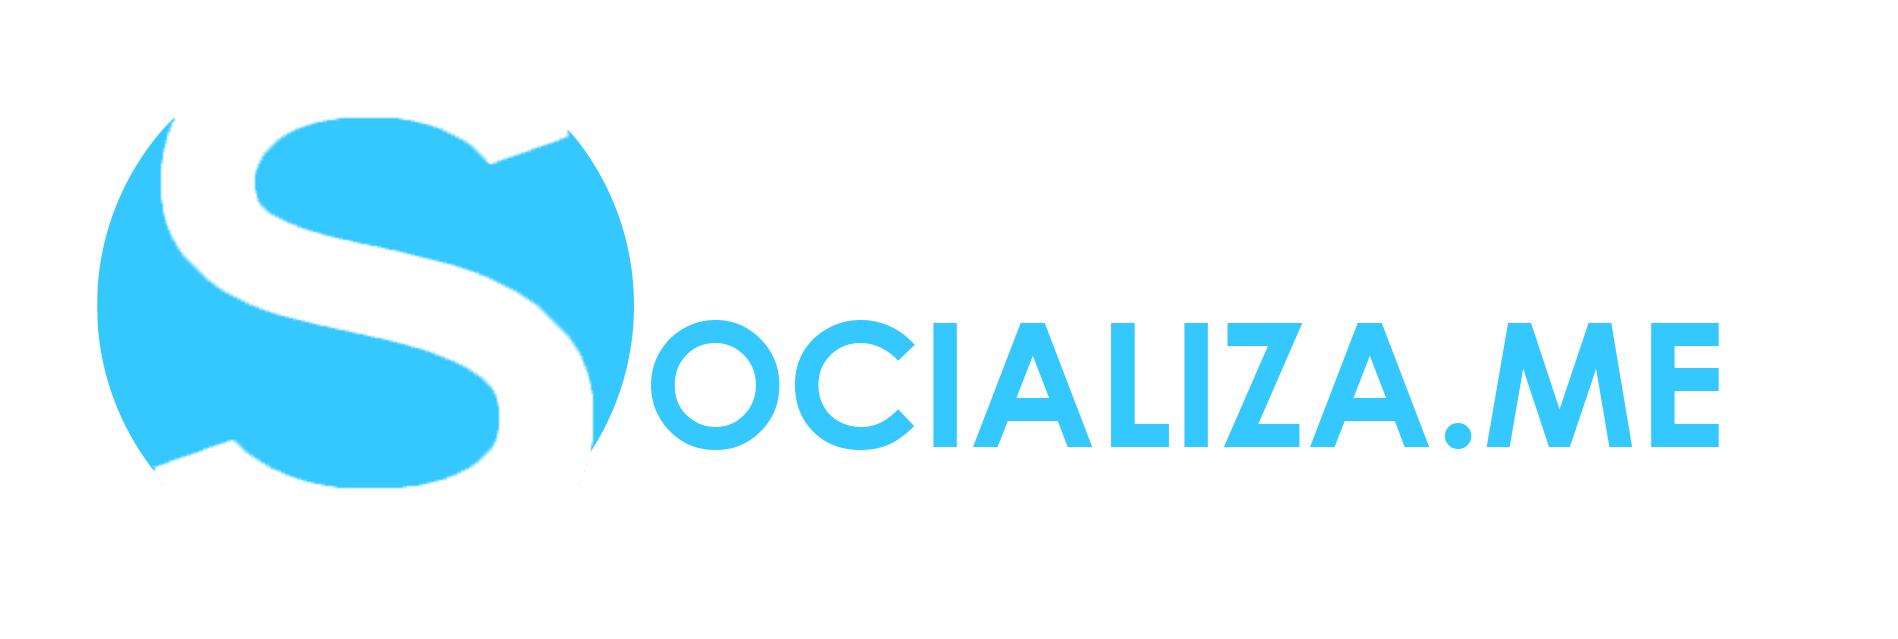 Socializa.me